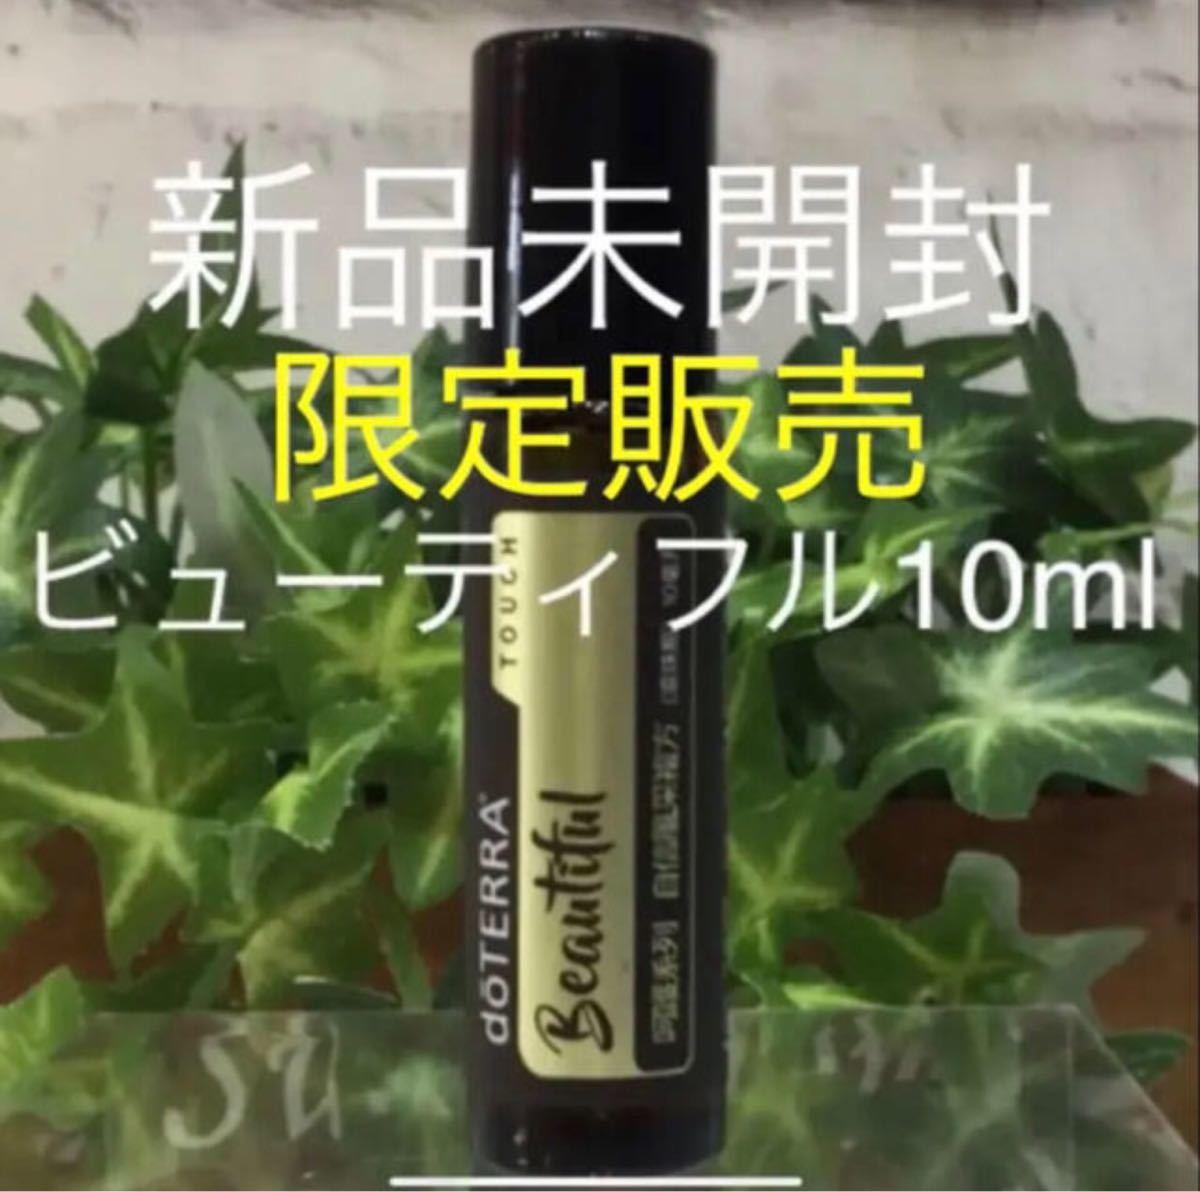 ドテラ ビューティフル タッチ10ml ★限定品★新品未開封★